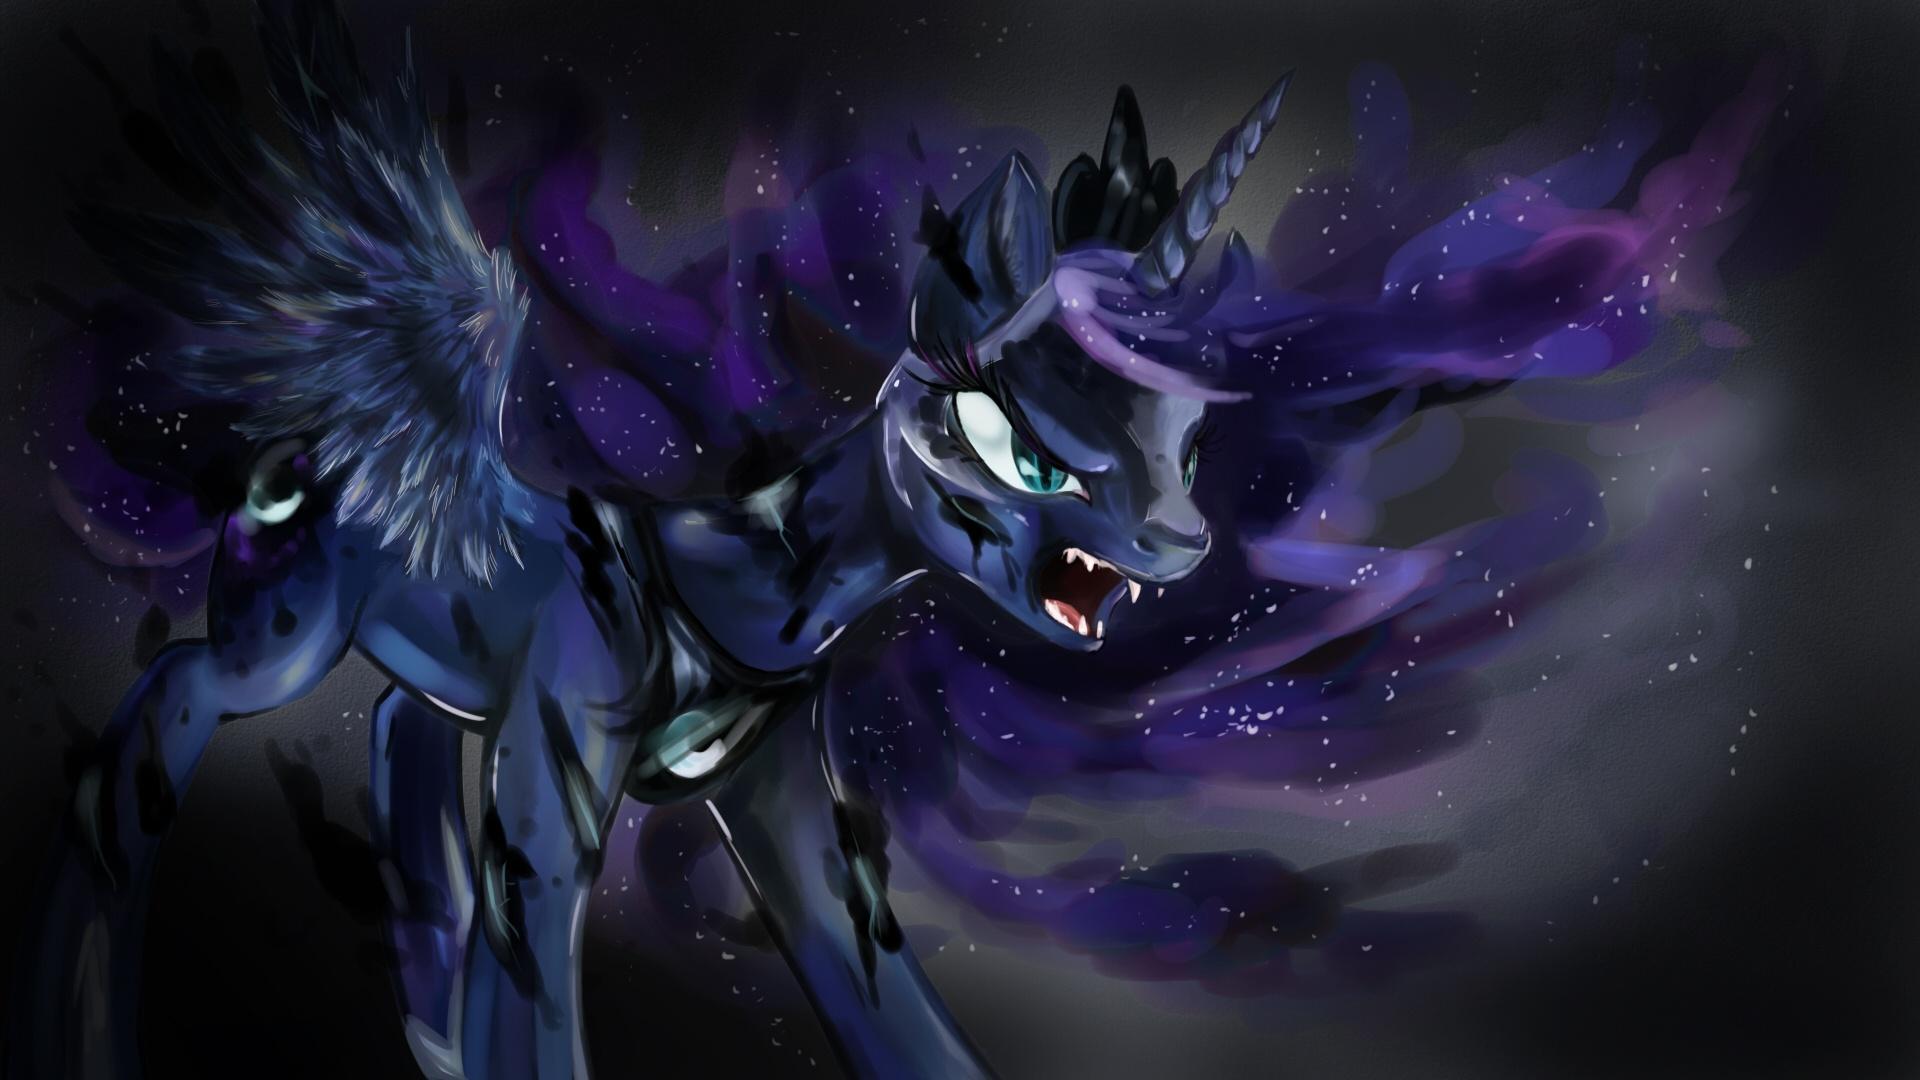 image - princess luna (transforming into nightmare moon) wallpaper